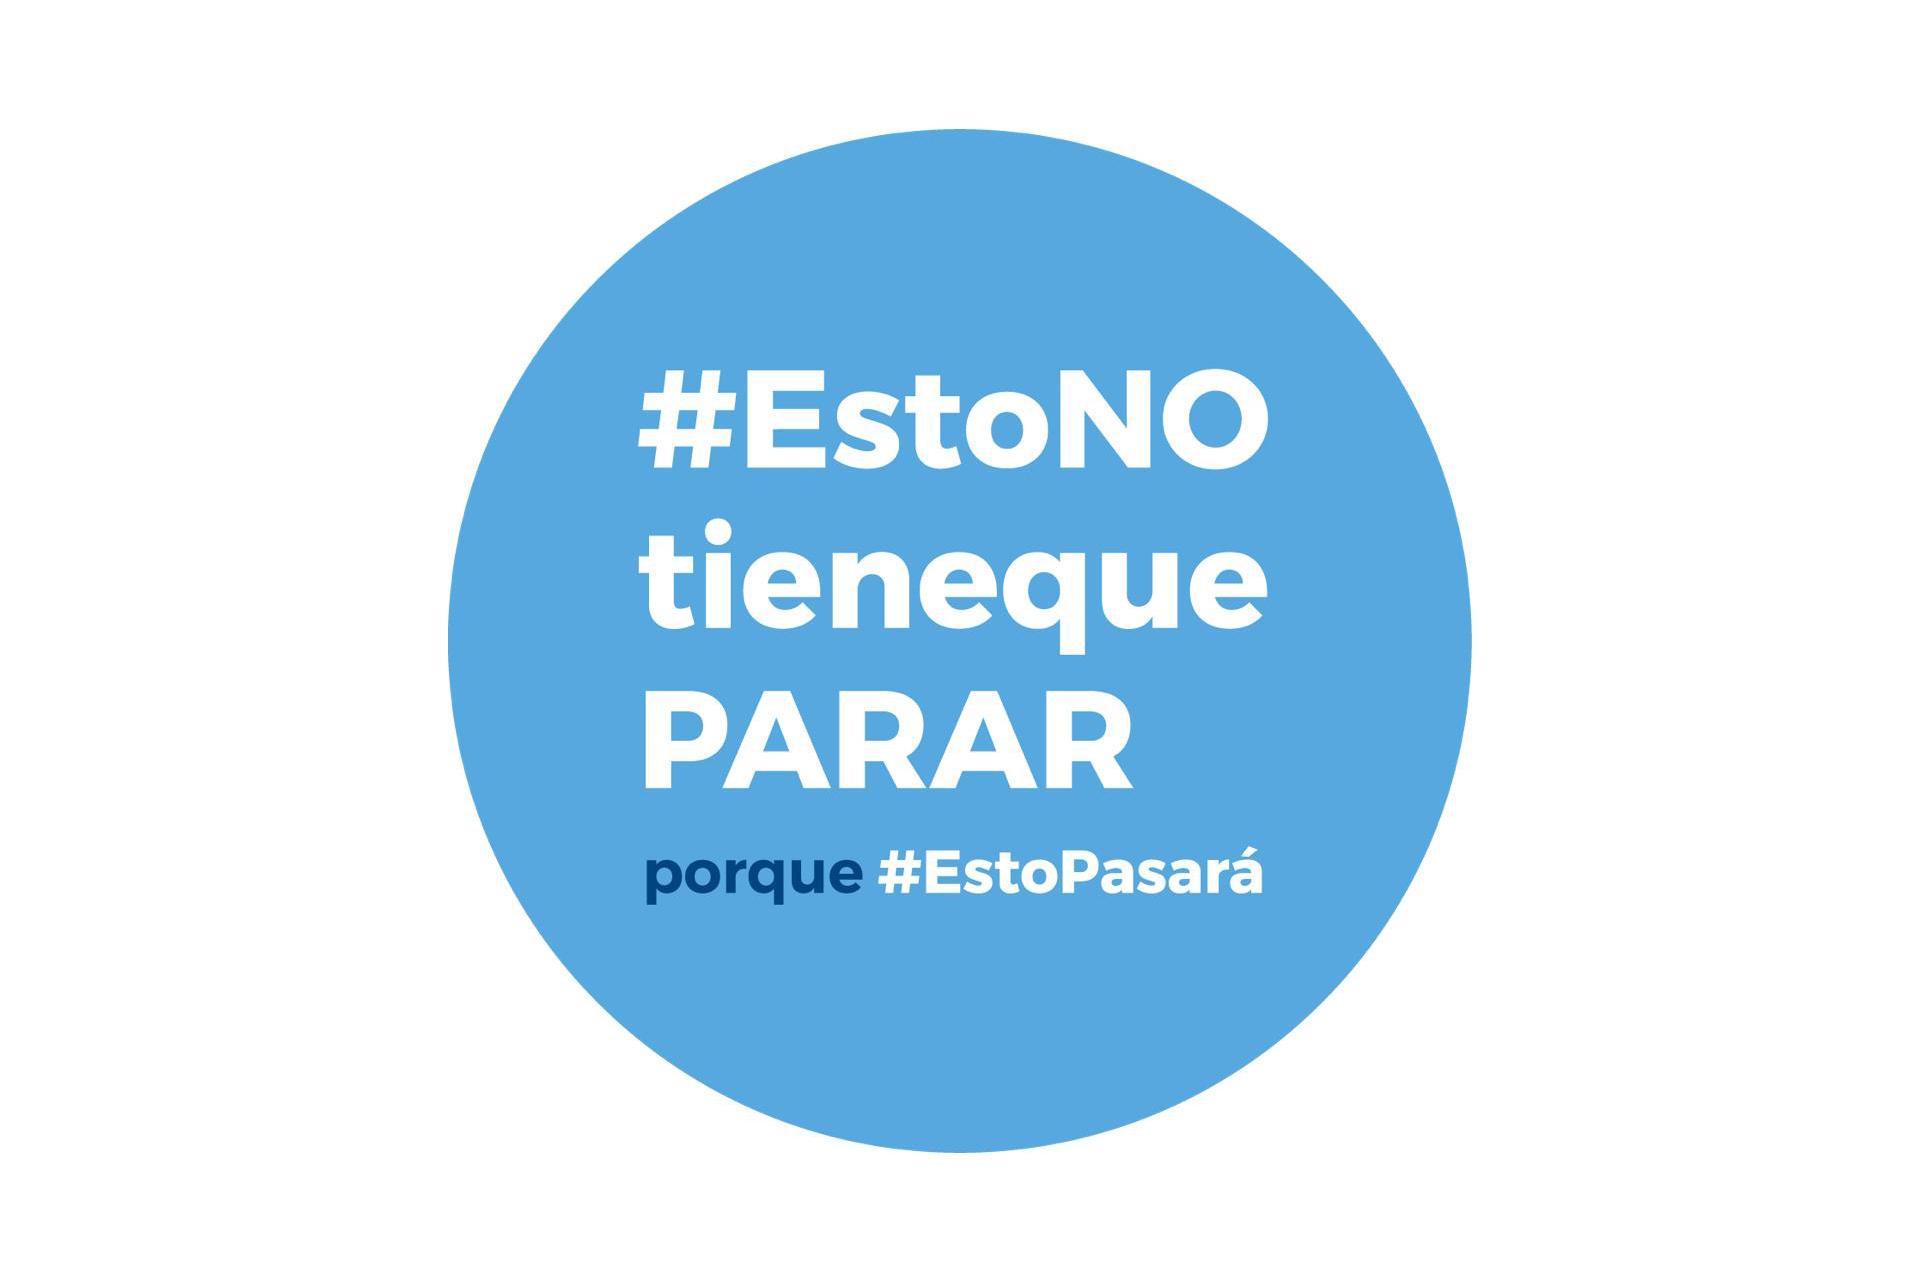 Máis de 600 empresas súmanse nunha semana á iniciativa #EstoNOtienequePARAR